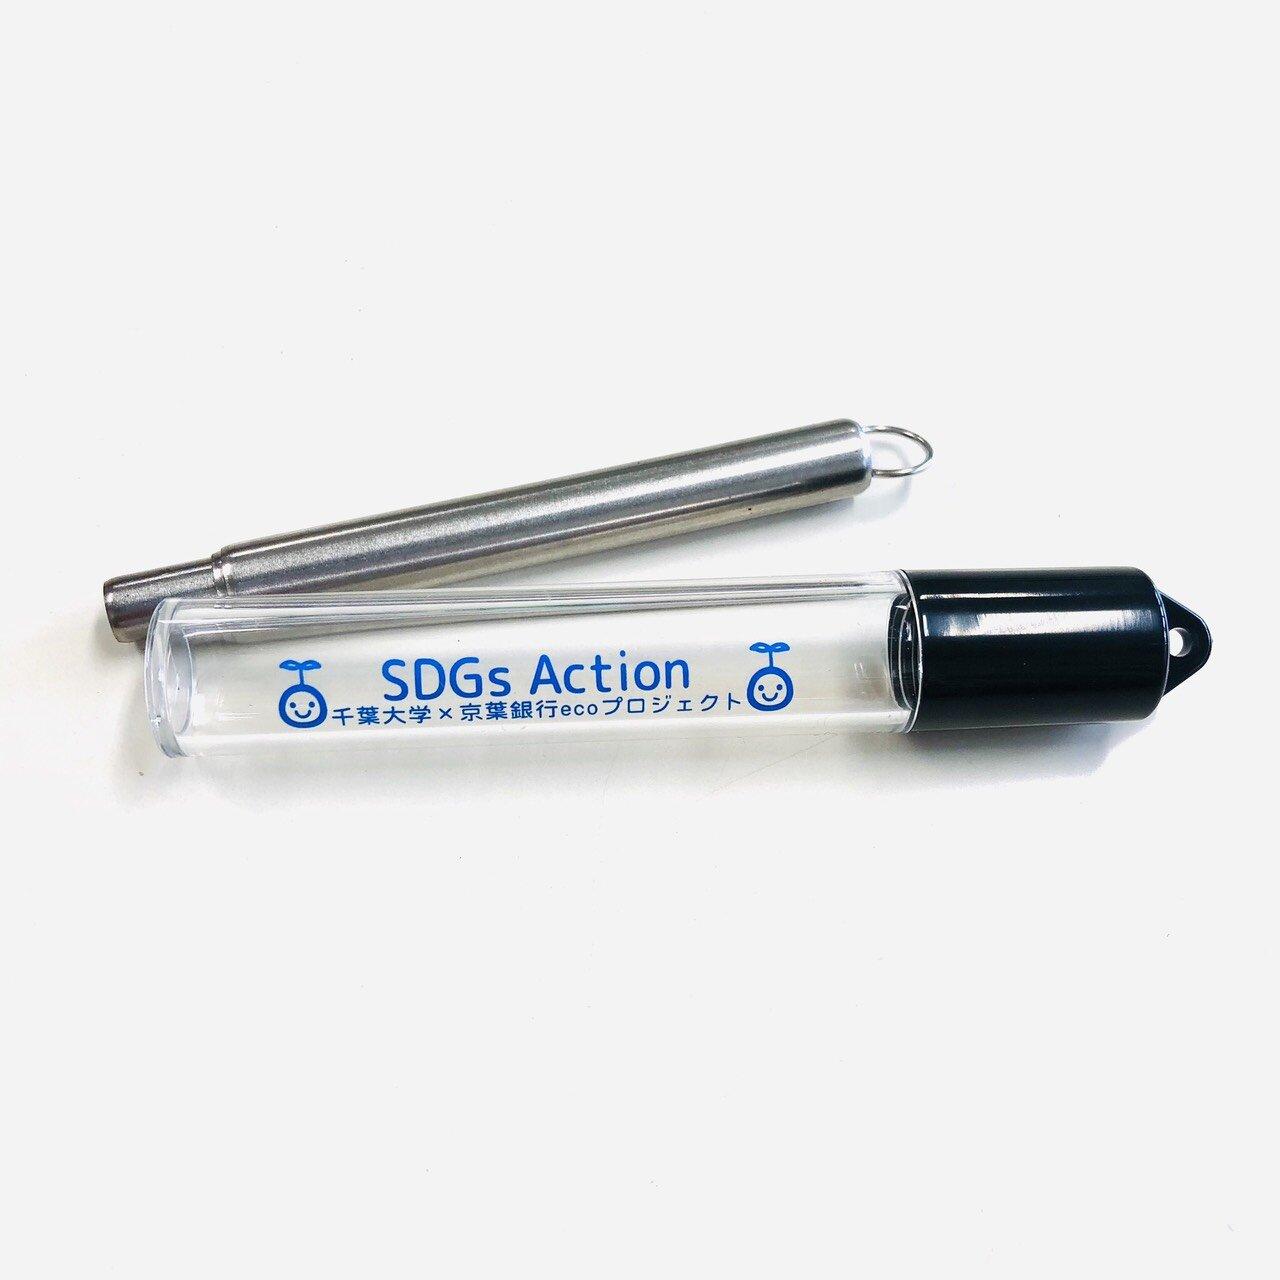 """「SDGs Action」というキャッチフレーズと学生委員会のマスコットの""""いそちゃん""""がデザインされている。"""